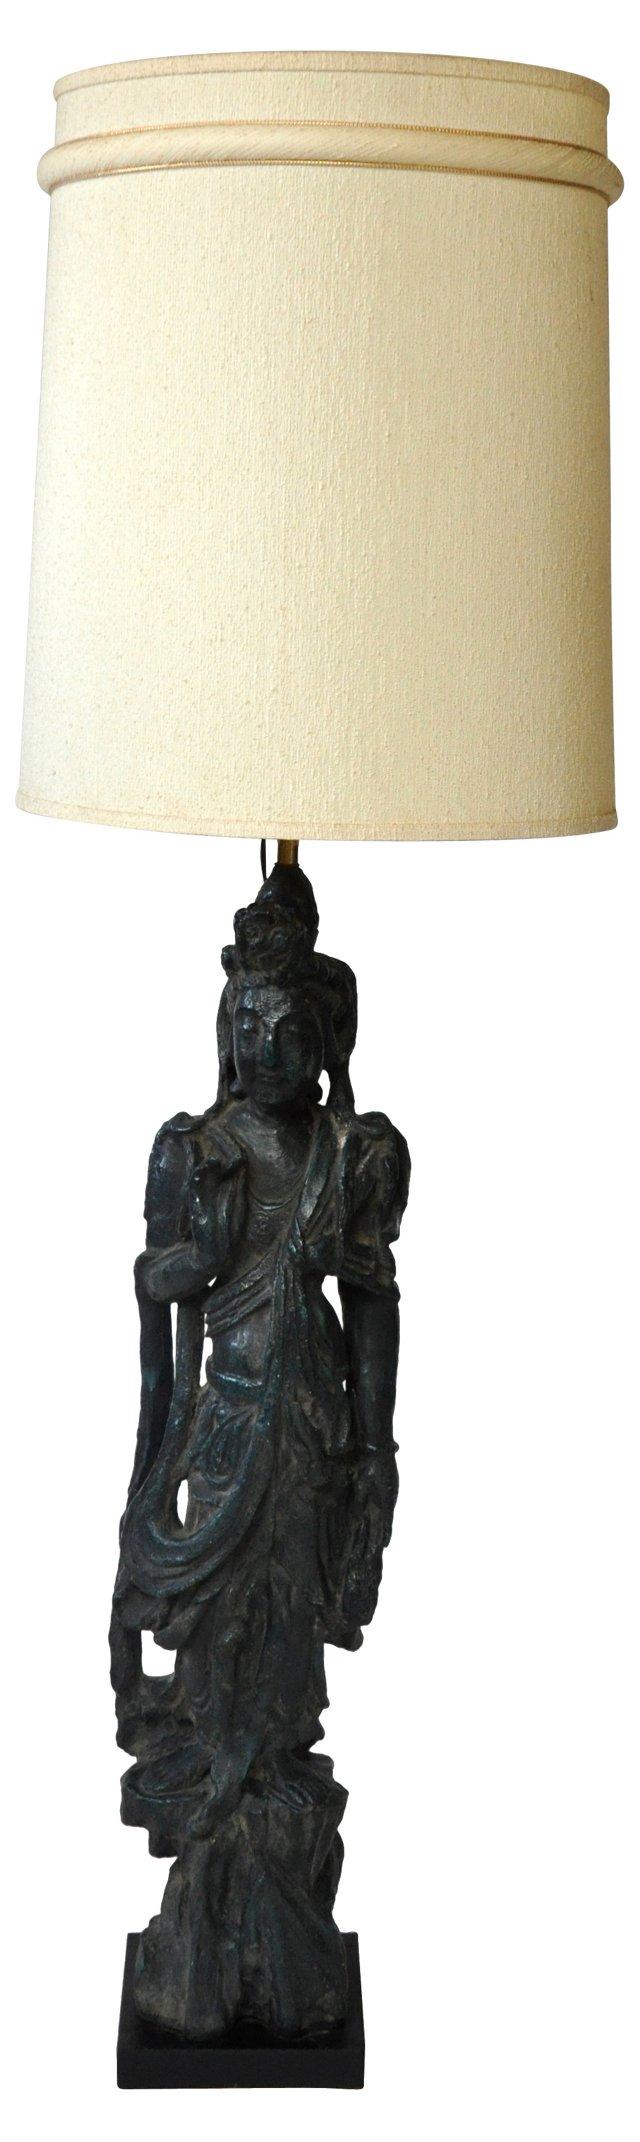 Goddess Floor Lamp